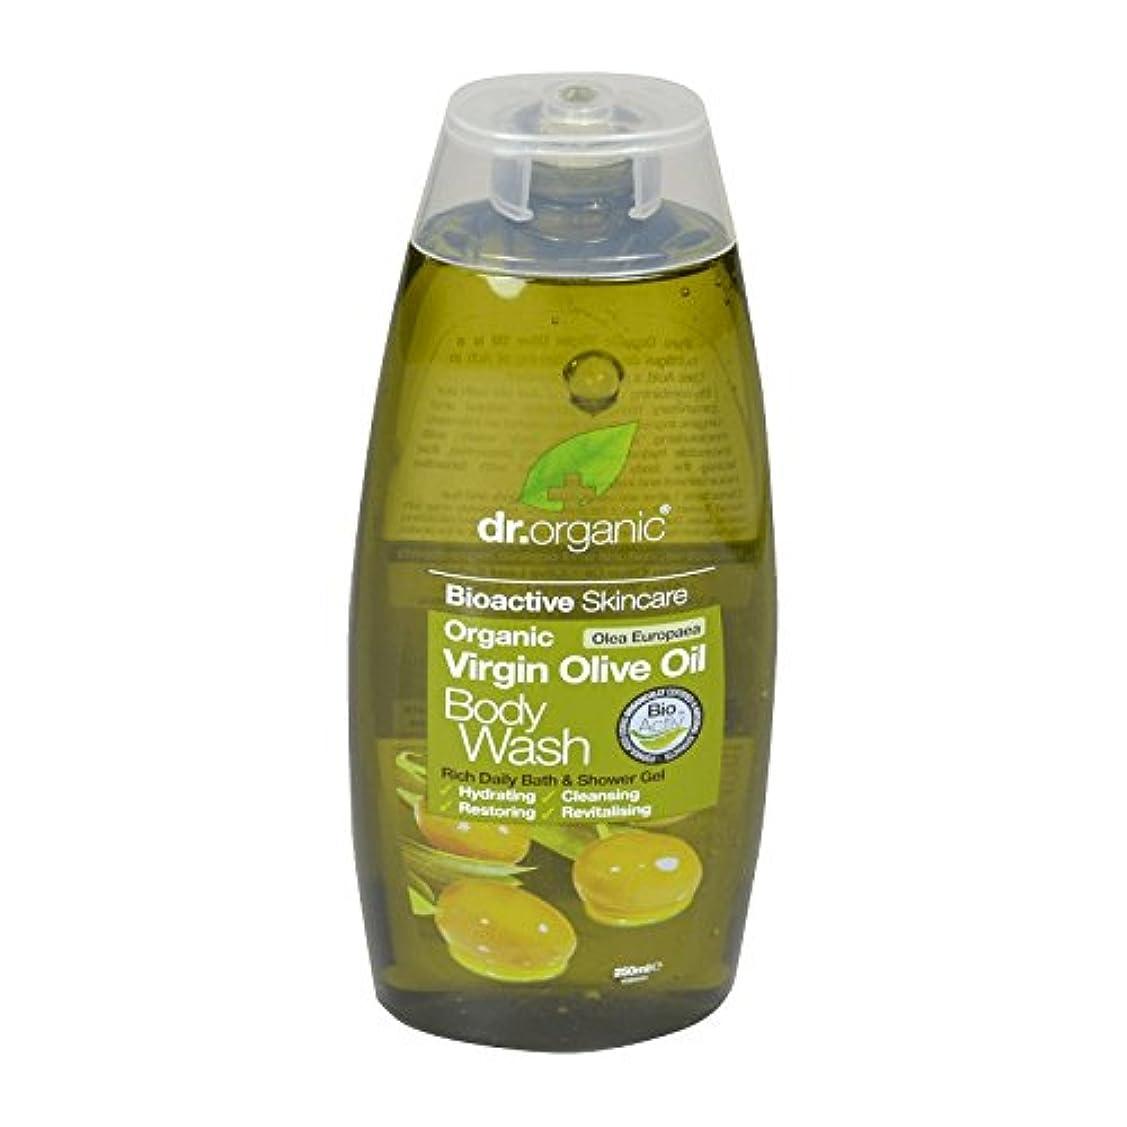 隙間海里使役Dr有機バージンオリーブオイルボディウォッシュ - Dr Organic Virgin Olive Oil Body Wash (Dr Organic) [並行輸入品]